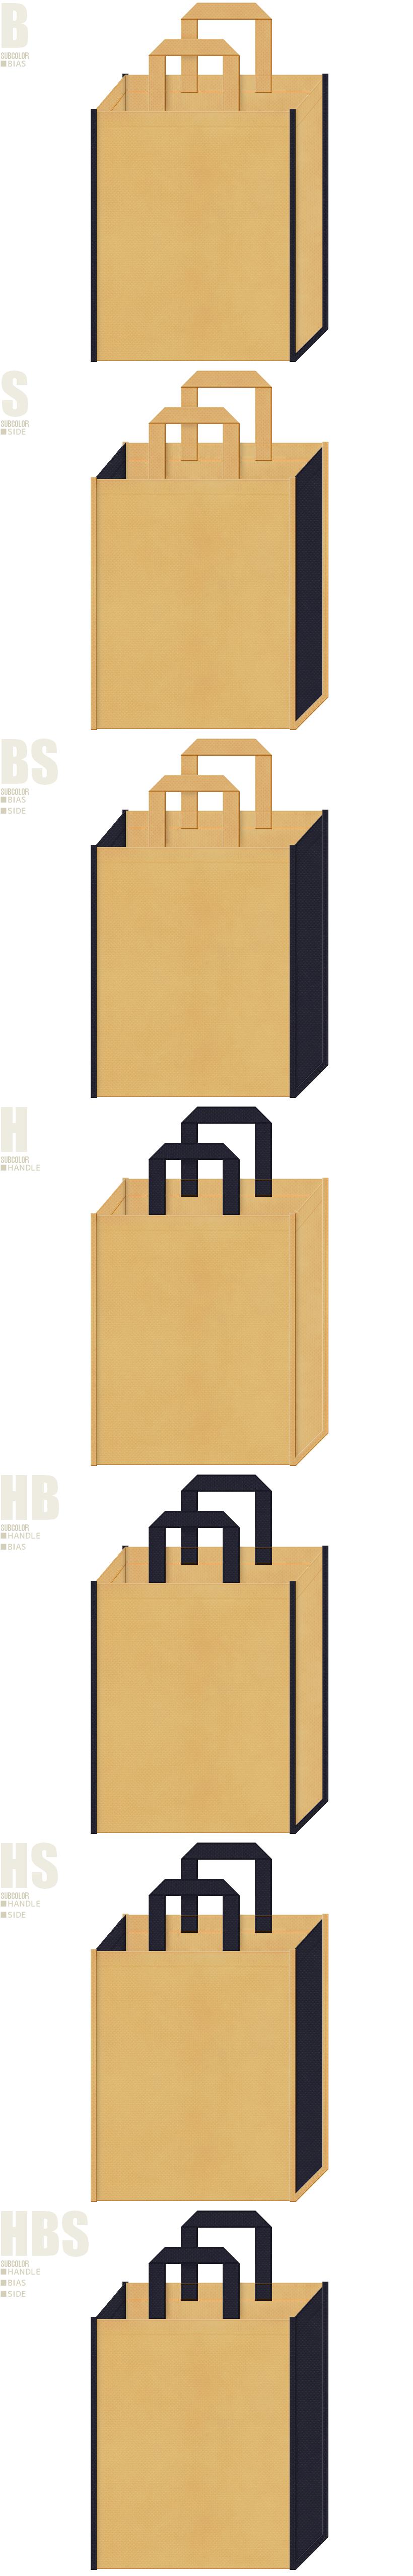 薄黄土色と濃紺色、7パターンの不織布トートバッグ配色デザイン例。オープンキャンパス等、学校向けの不織布バッグにお奨めです。